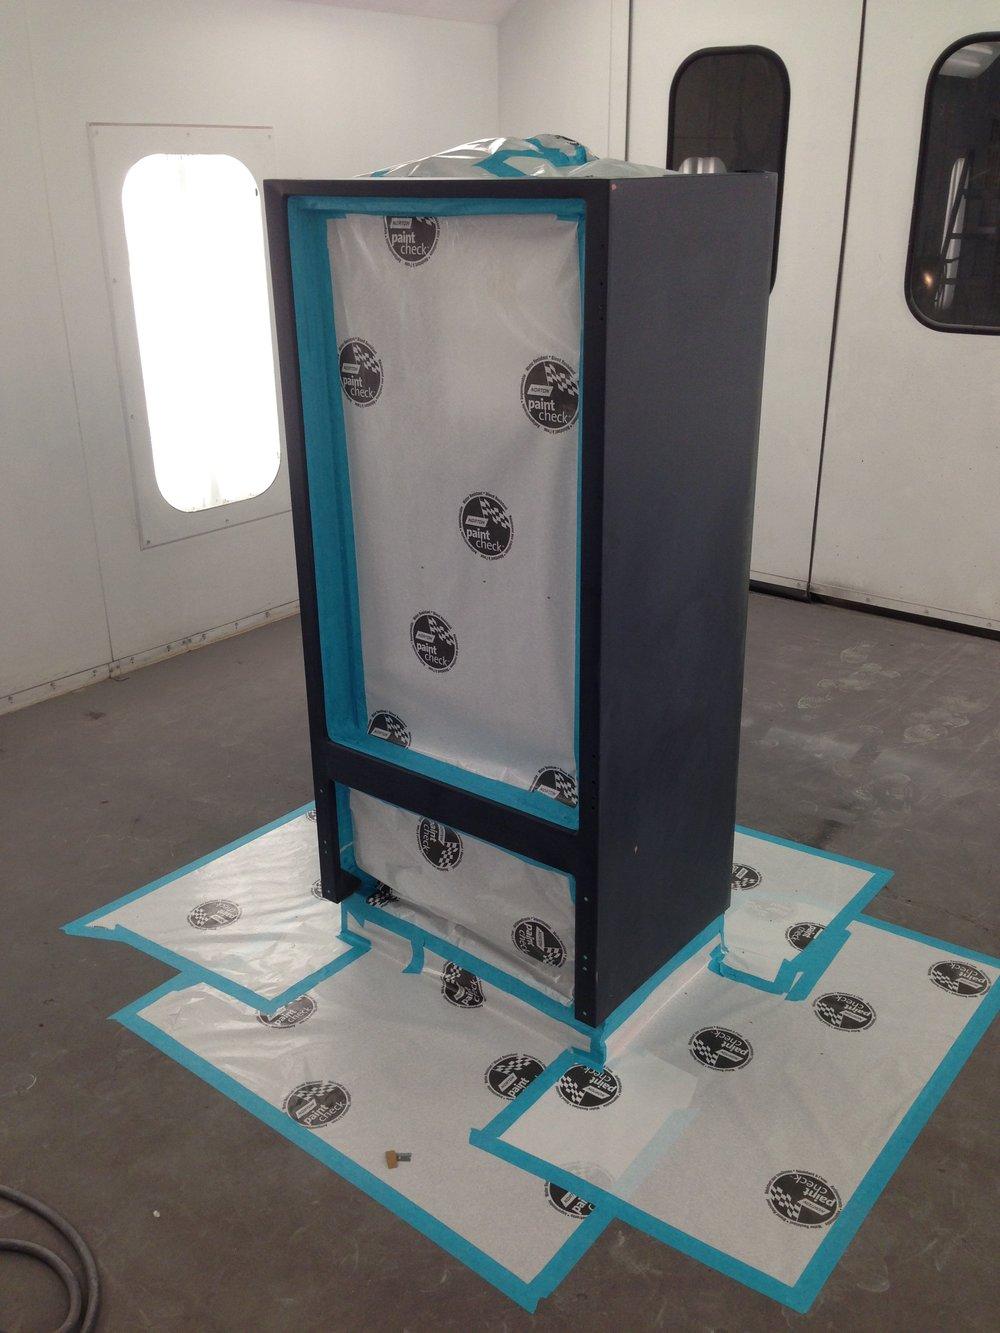 Budweiser custom beer fridge painted by Sketchs Ink customs Ottawa Ontario